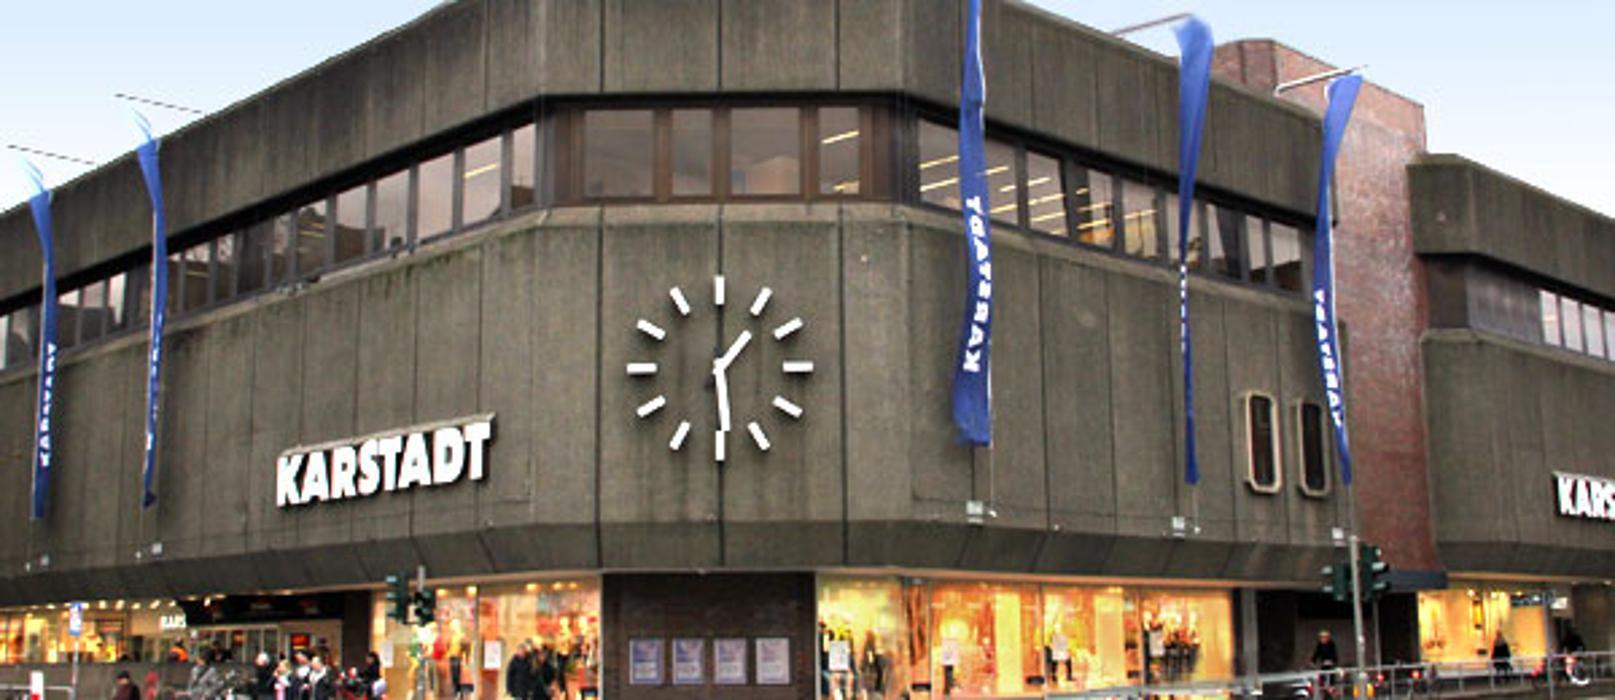 Karstadt Hamburg Eimsbüttel, Osterstraße in Hamburg